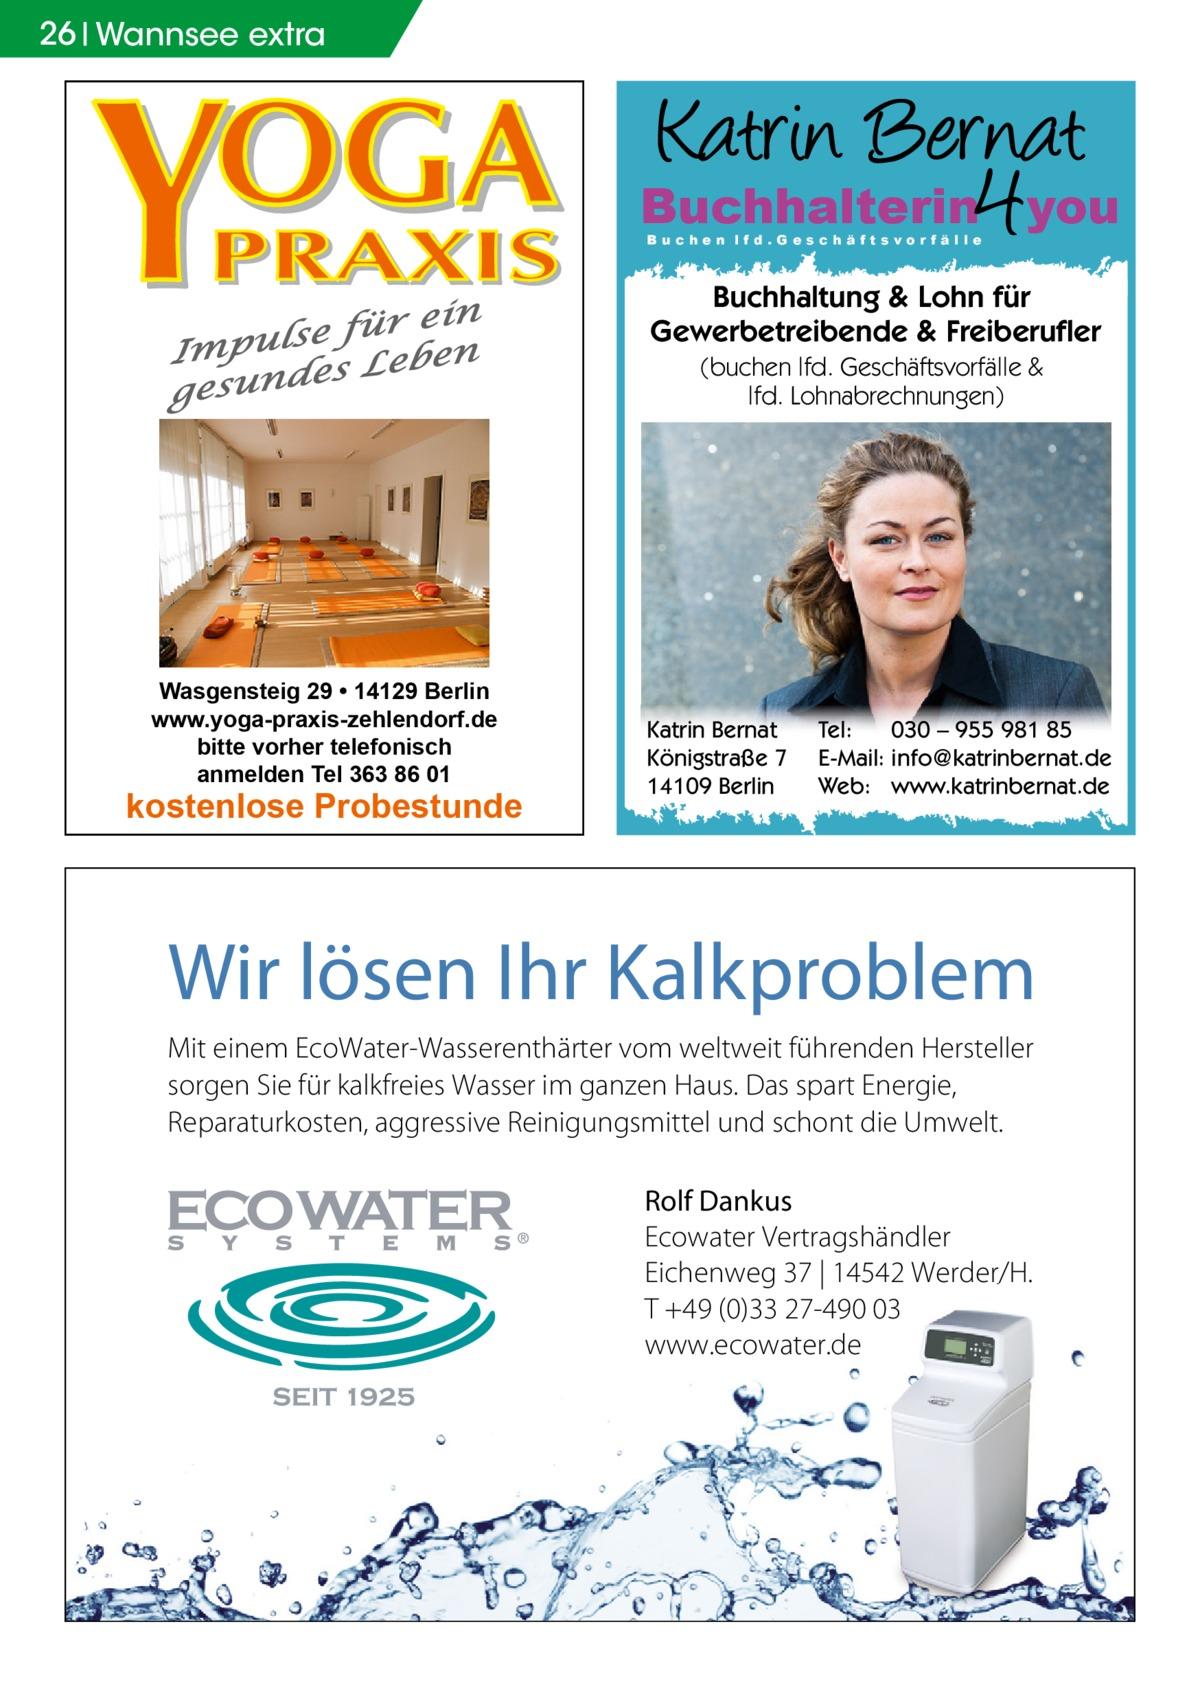 26 Wannsee extra  Buchhalterin you Buchen lfd.Geschäftsvorfälle  Buchhaltung & Lohn für Gewerbetreibende & Freiberufler (buchen lfd. Geschäftsvorfälle & lfd. Lohnabrechnungen)  Wasgensteig 29 • 14129 Berlin www.yoga-praxis-zehlendorf.de bitte vorher telefonisch anmelden Tel 363 86 01  kostenlose Probestunde  Katrin Bernat Königstraße 7 14109 Berlin  Tel: 030 – 955 981 85 E-Mail: info@katrinbernat.de Web: www.katrinbernat.de  Wir lösen Ihr Kalkproblem Mit einem EcoWater-Wasserenthärter vom weltweit führenden Hersteller sorgen Sie für kalkfreies Wasser im ganzen Haus. Das spart Energie, Reparaturkosten, aggressive Reinigungsmittel und schont die Umwelt. Rolf Dankus Ecowater Vertragshändler Eichenweg 37 | 14542 Werder/H. T +49 (0)33 27-490 03 www.ecowater.de